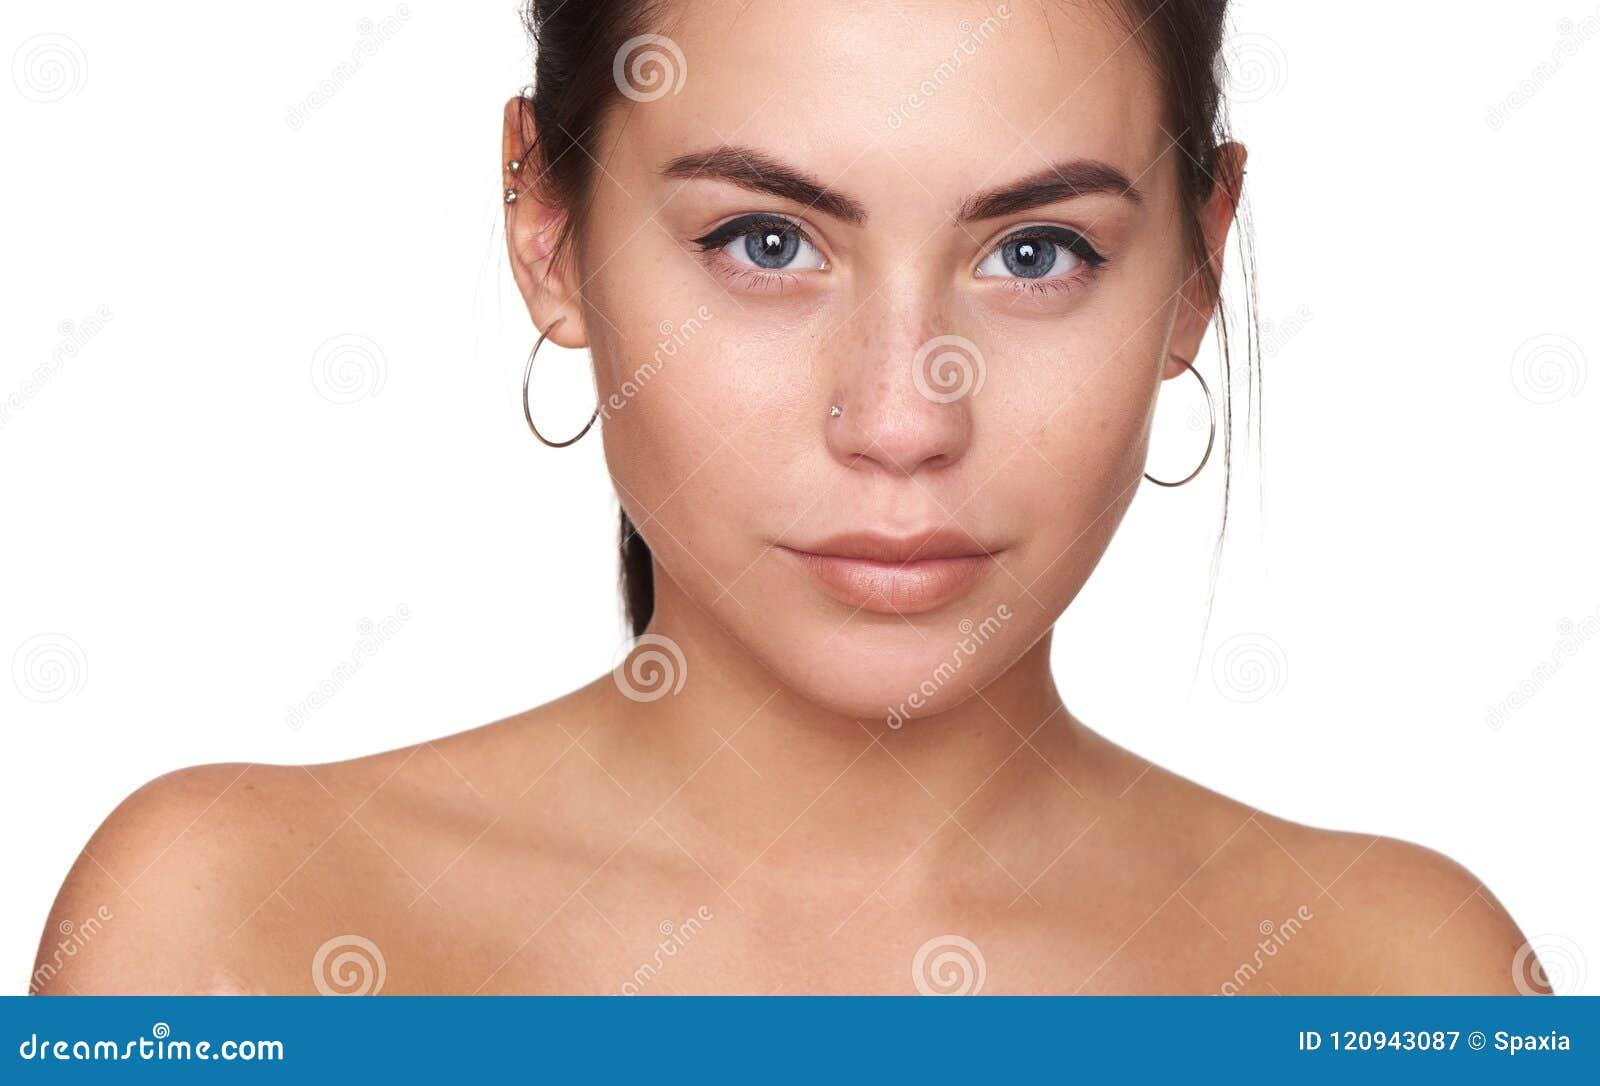 Piękno portret uśmiechnięta piękna przyrodnia naga kobieta